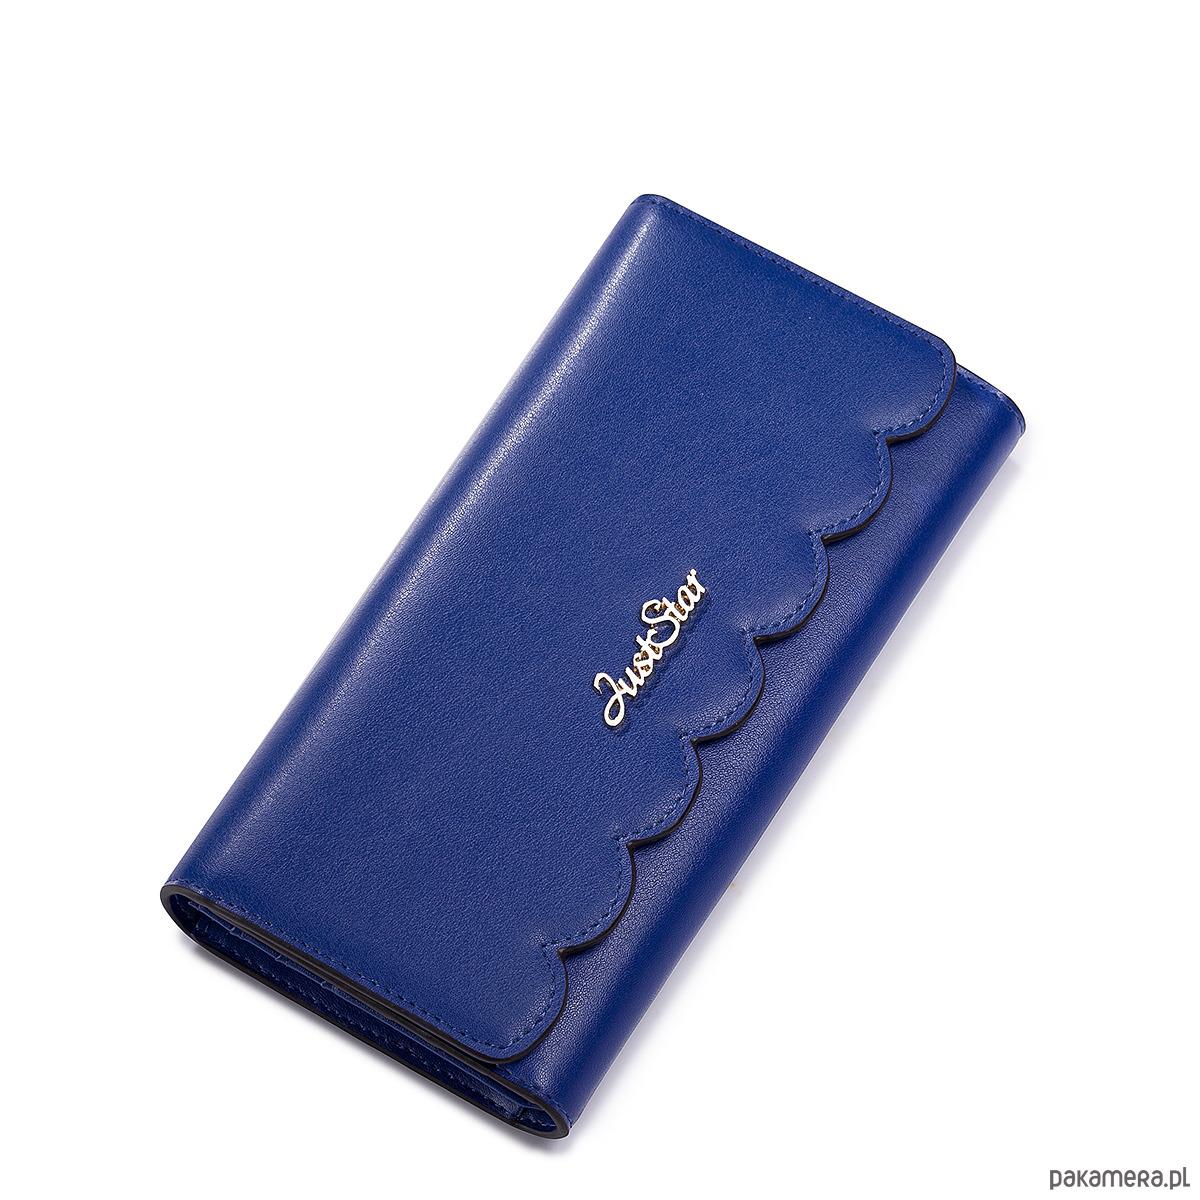 9e8aaea8c6cd3 JUST STAR szykowny portfel skórzany Niebieski - portfele - damskie ...